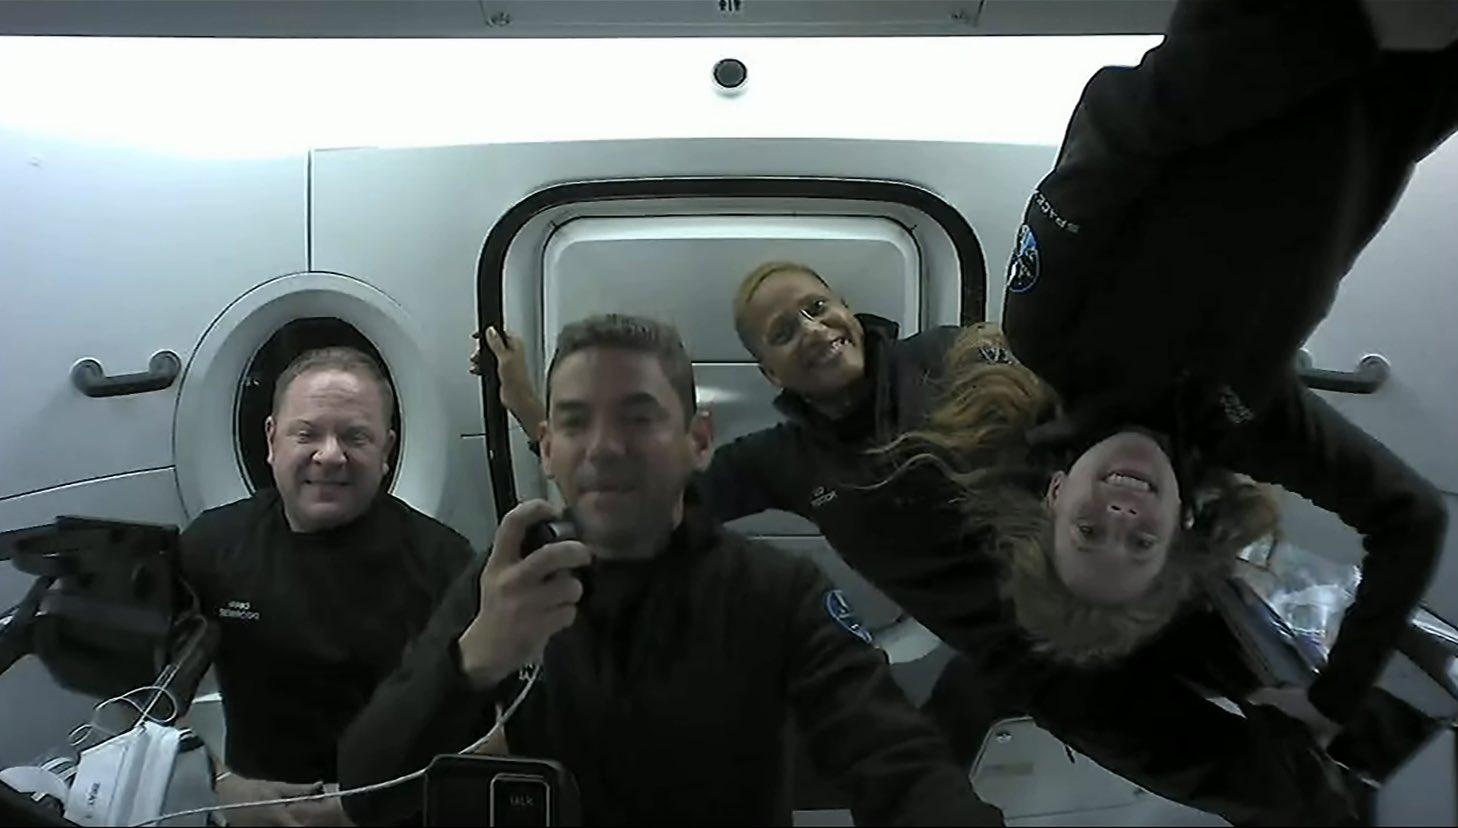 L'equipaggio di Inspiration4 durante un collegamento con la Terra. Credits: SpaceX